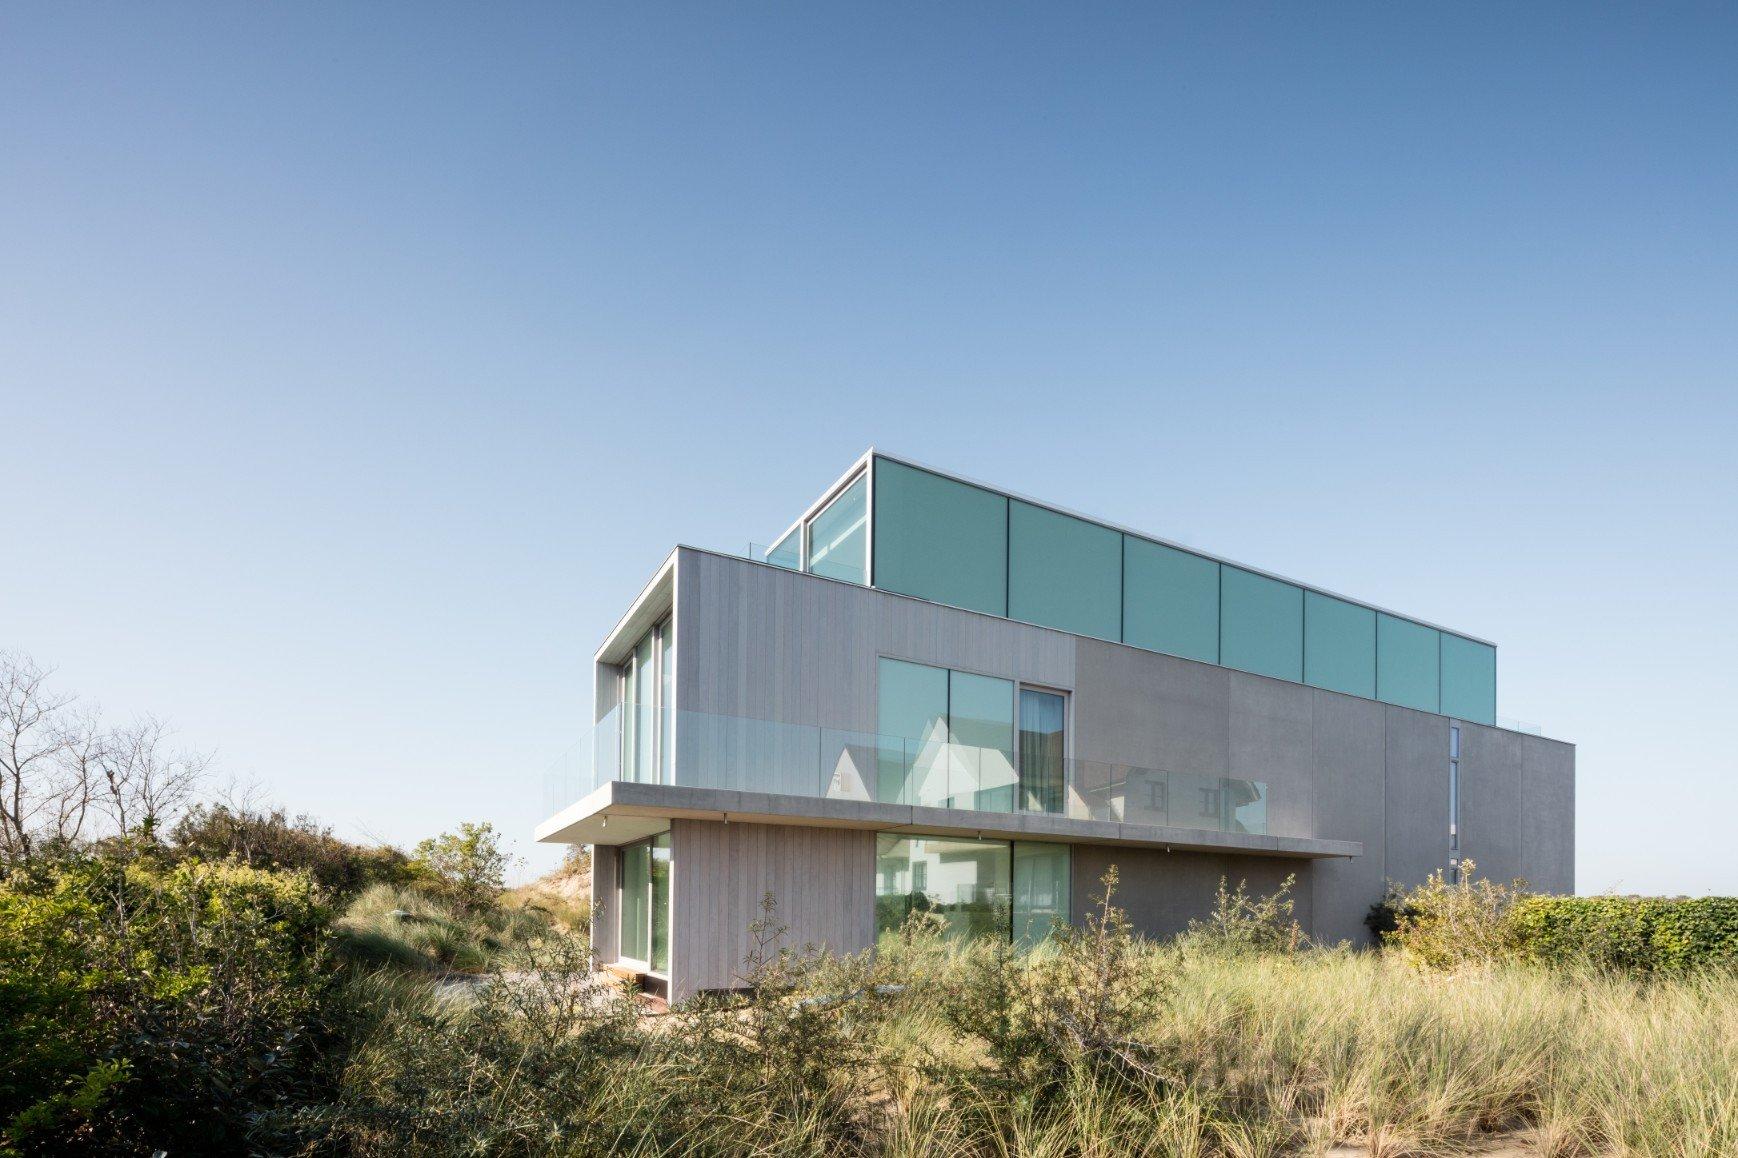 Rietveldprojects-saarinen-appartement-design-architectuur-kust-tvdv2.jpg